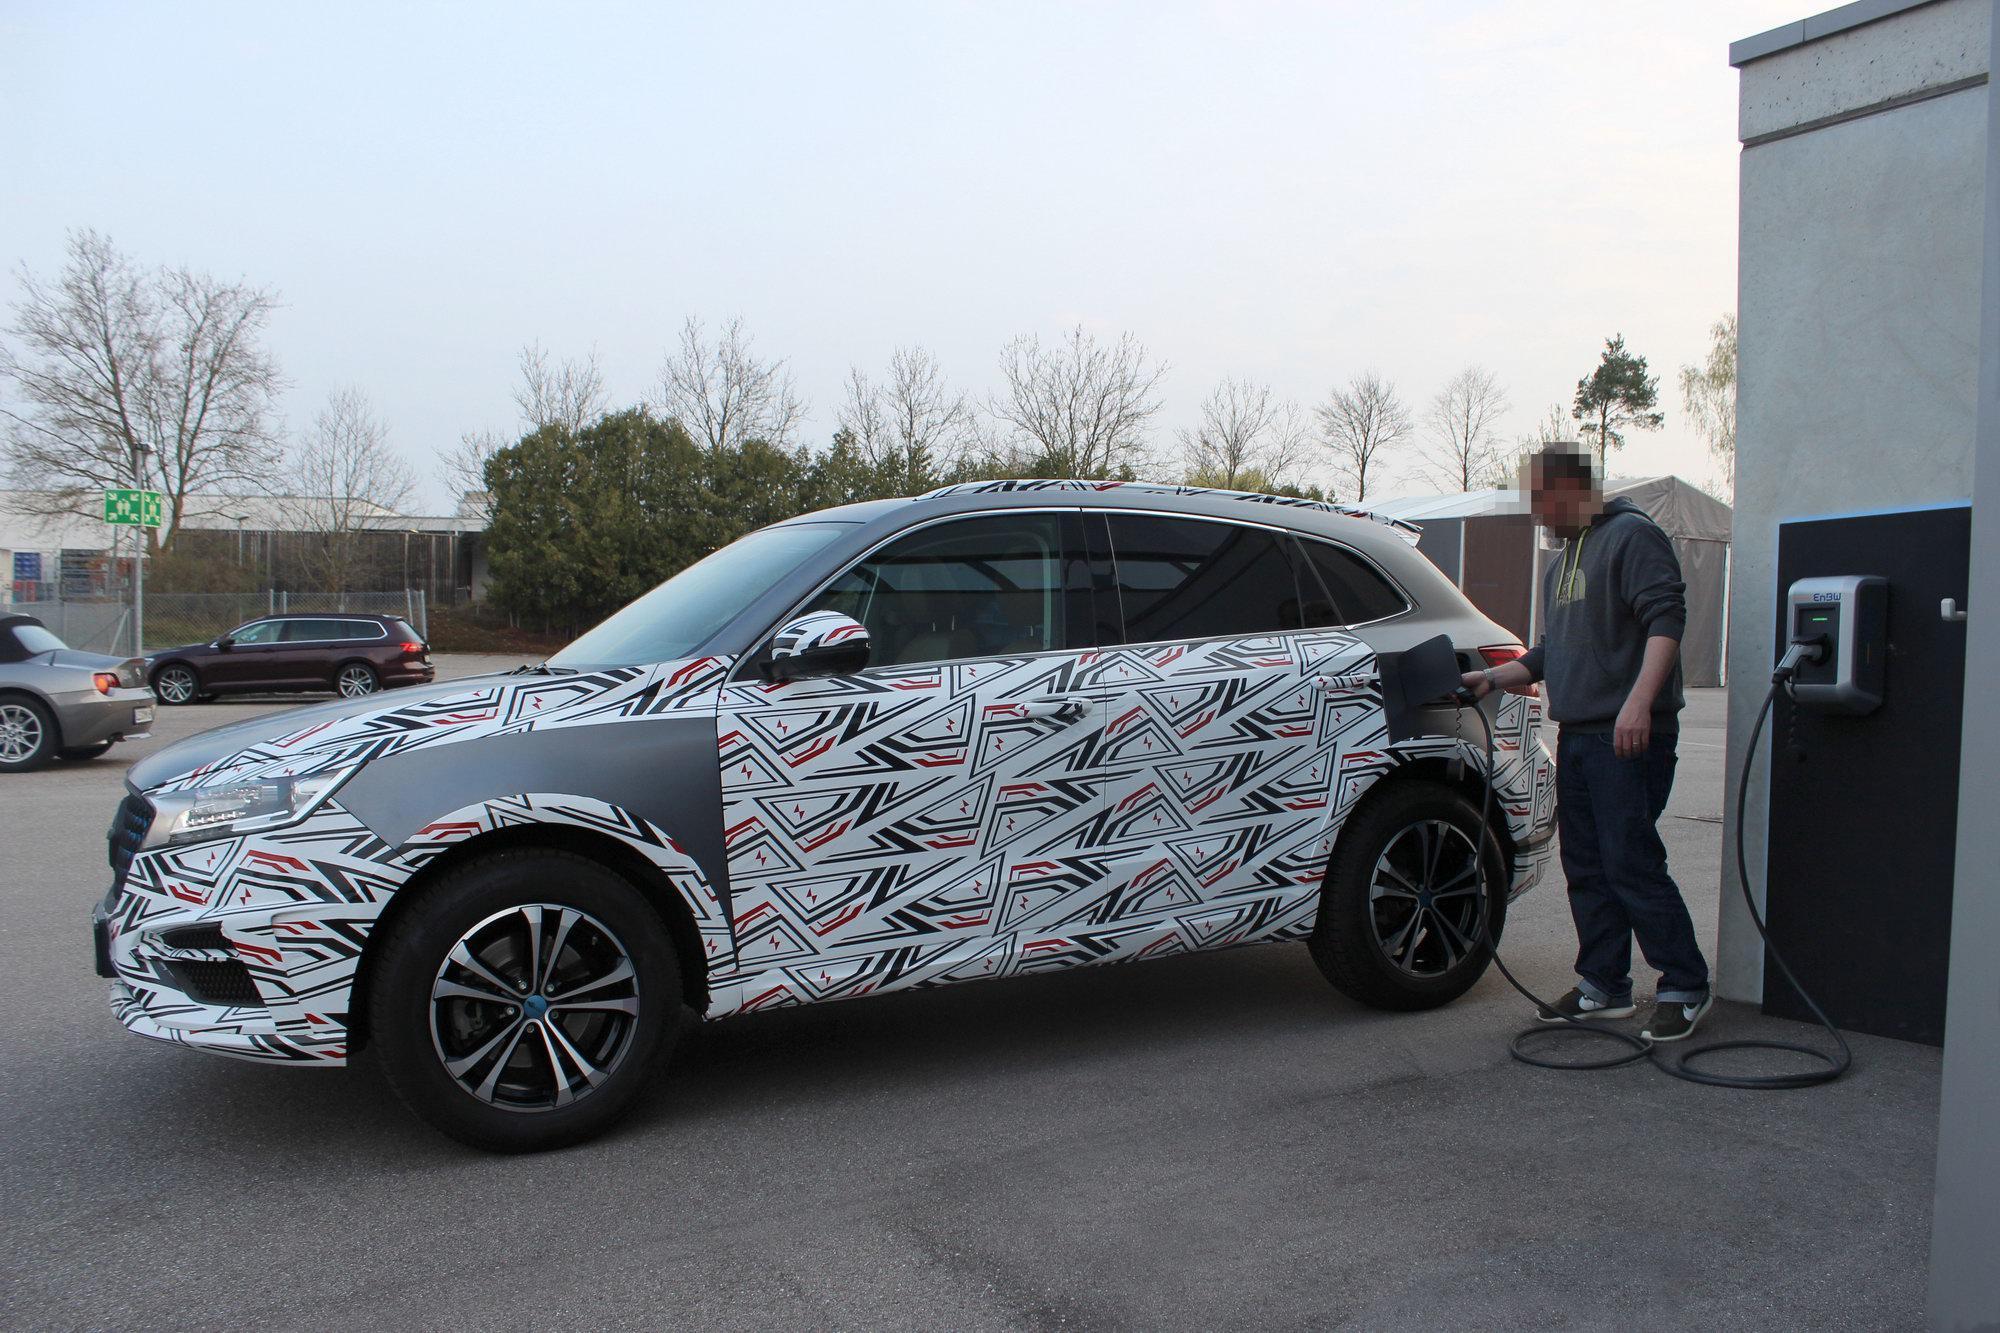 宝沃首款新能源车的路试照片曝光 将在本月上海车展亮相